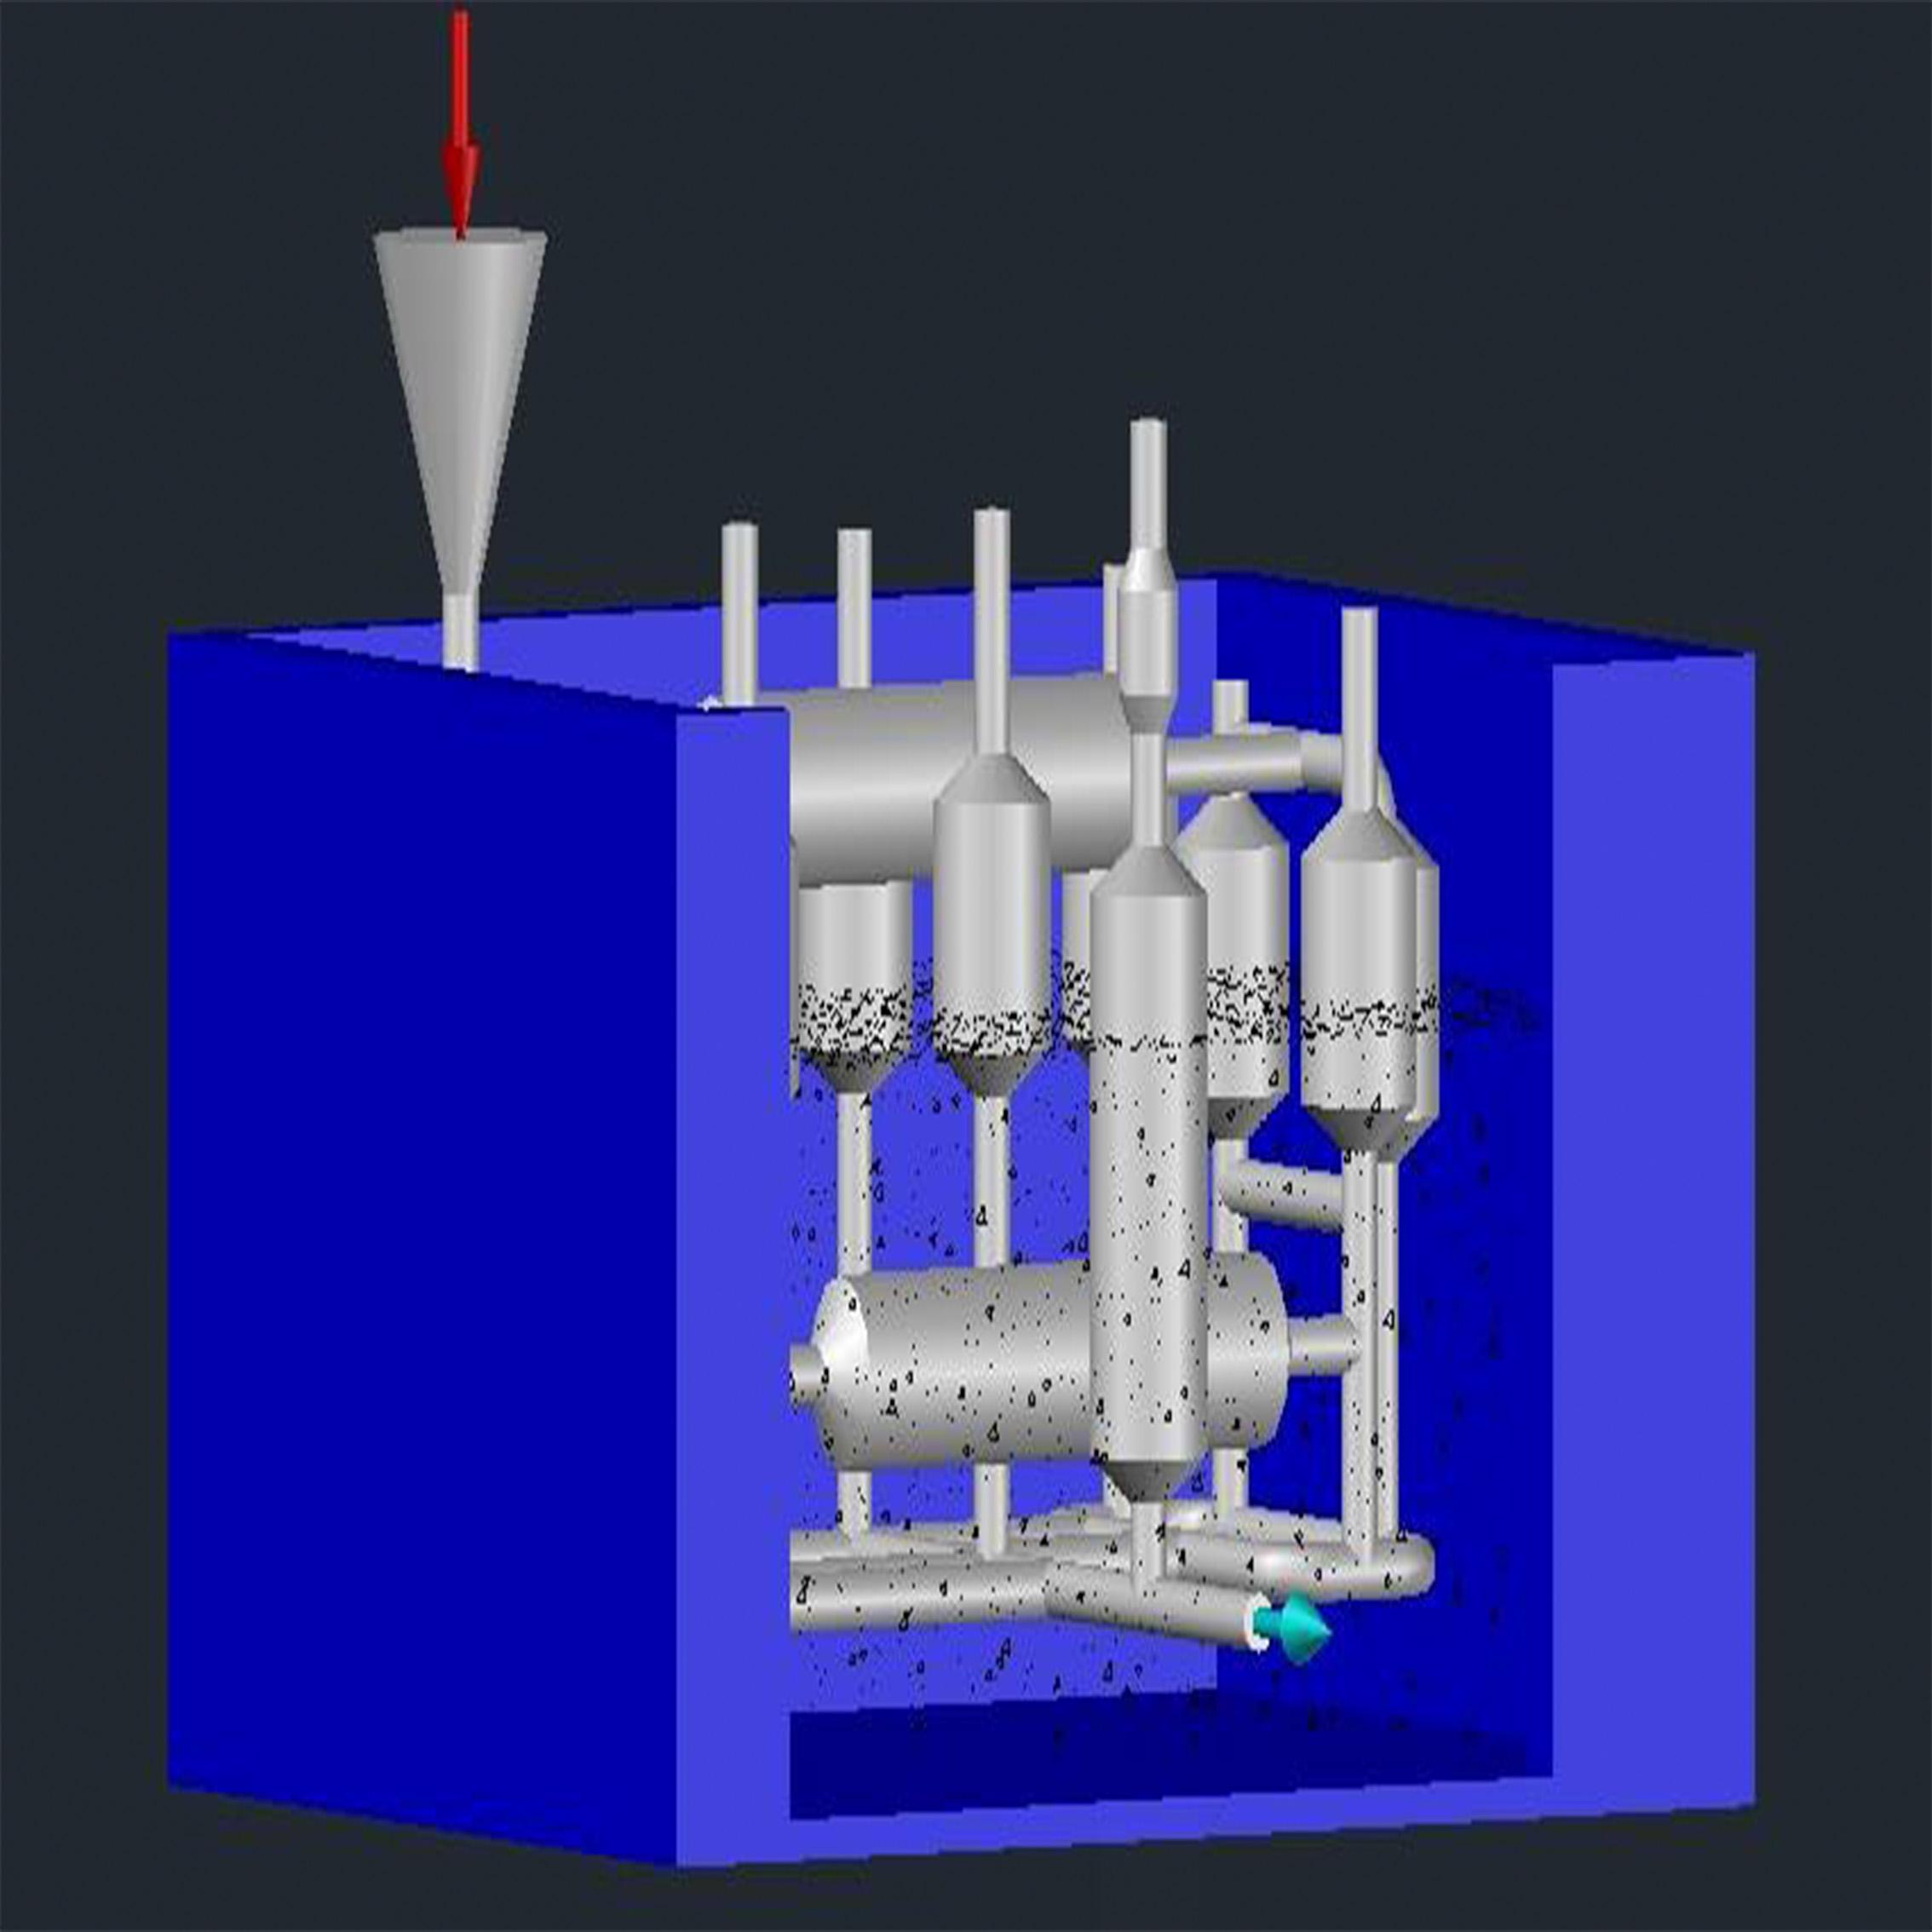 Giới thiệu xử lý nước thải sinh hoạt bằng phương pháp sinh học hiện đại nhất